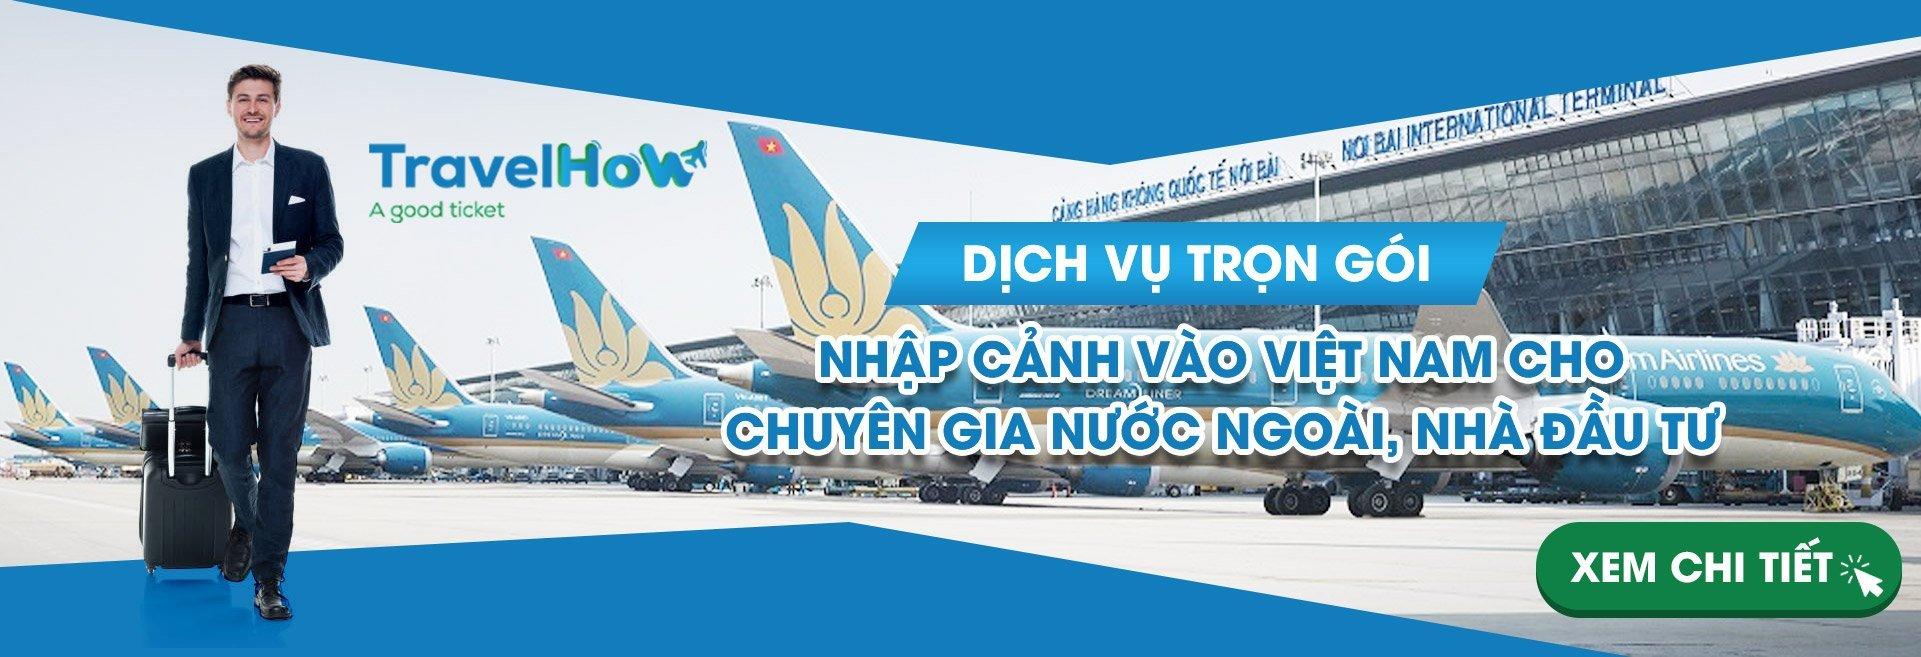 Dịch vụ trọn gói nhập cảnh vào Việt Nam cho Chuyên gia nước ngoài, nhà đầu tư